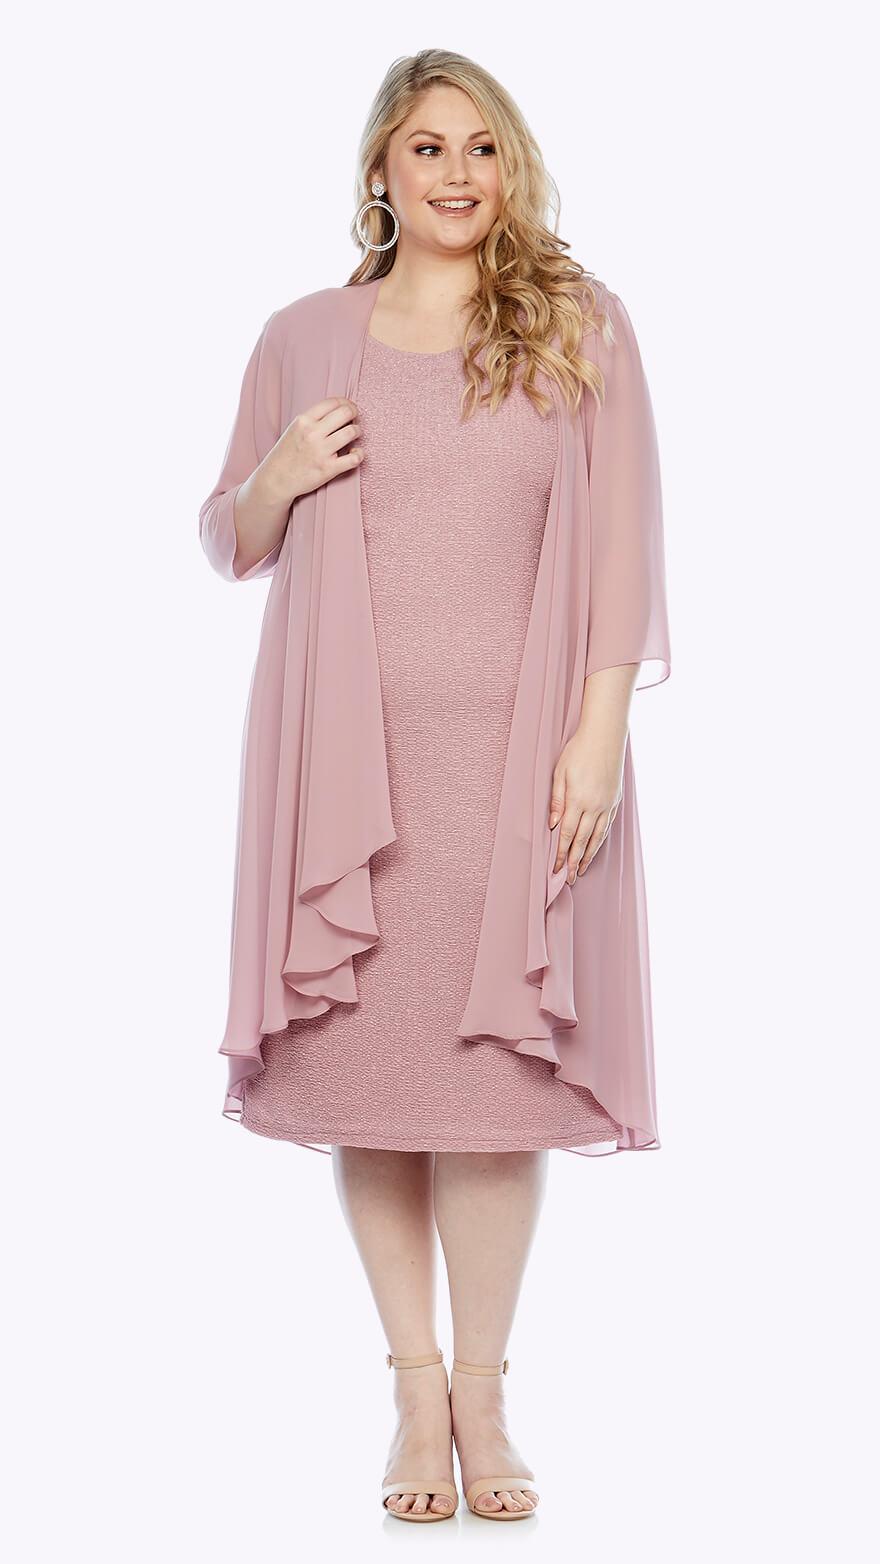 LJ0006 Knee-length stretch lurex dress with matching waterfall chiffon jacket